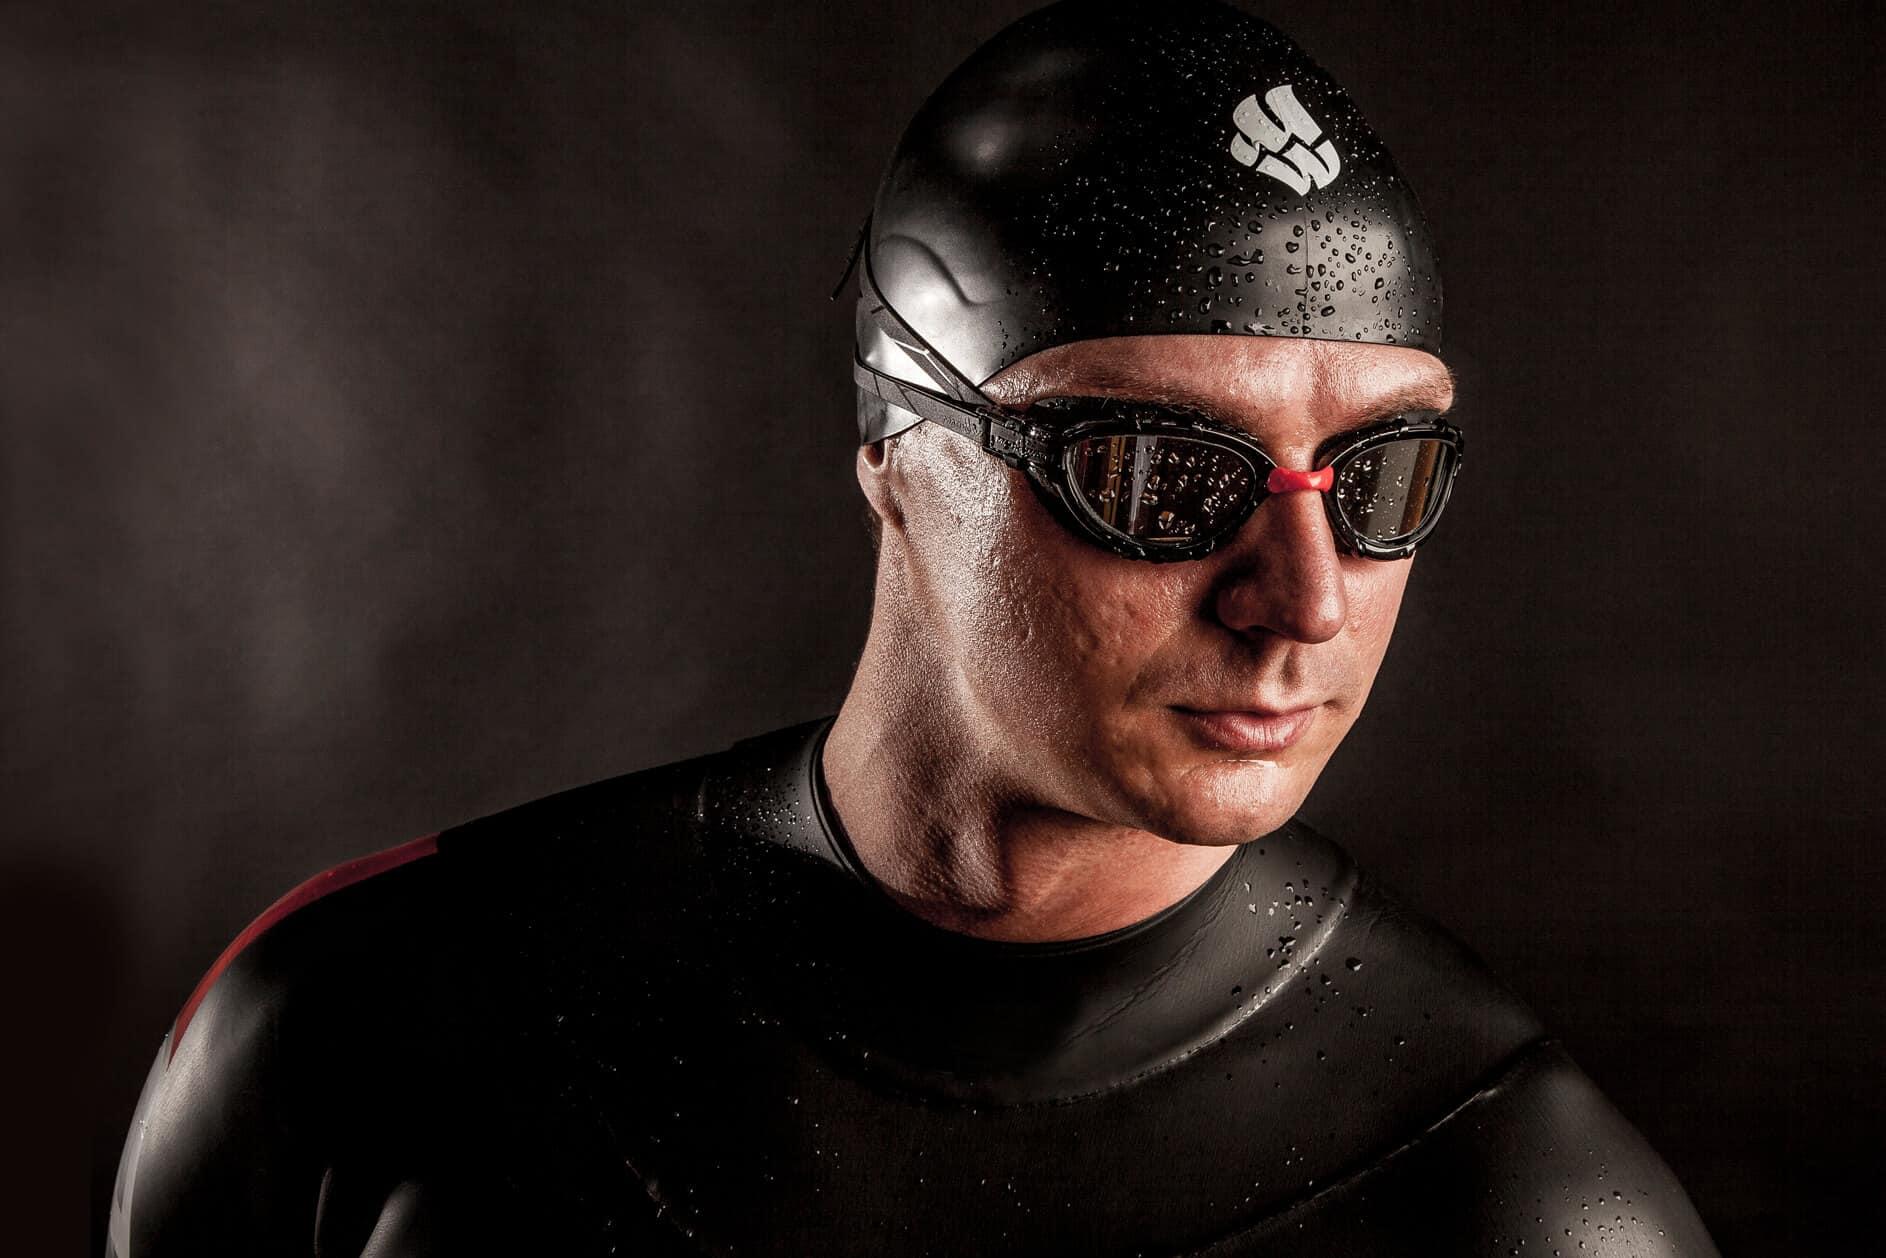 Неопреновый костюм, мокрый гидрокостюм и инвентарь для плавания на открытой воде